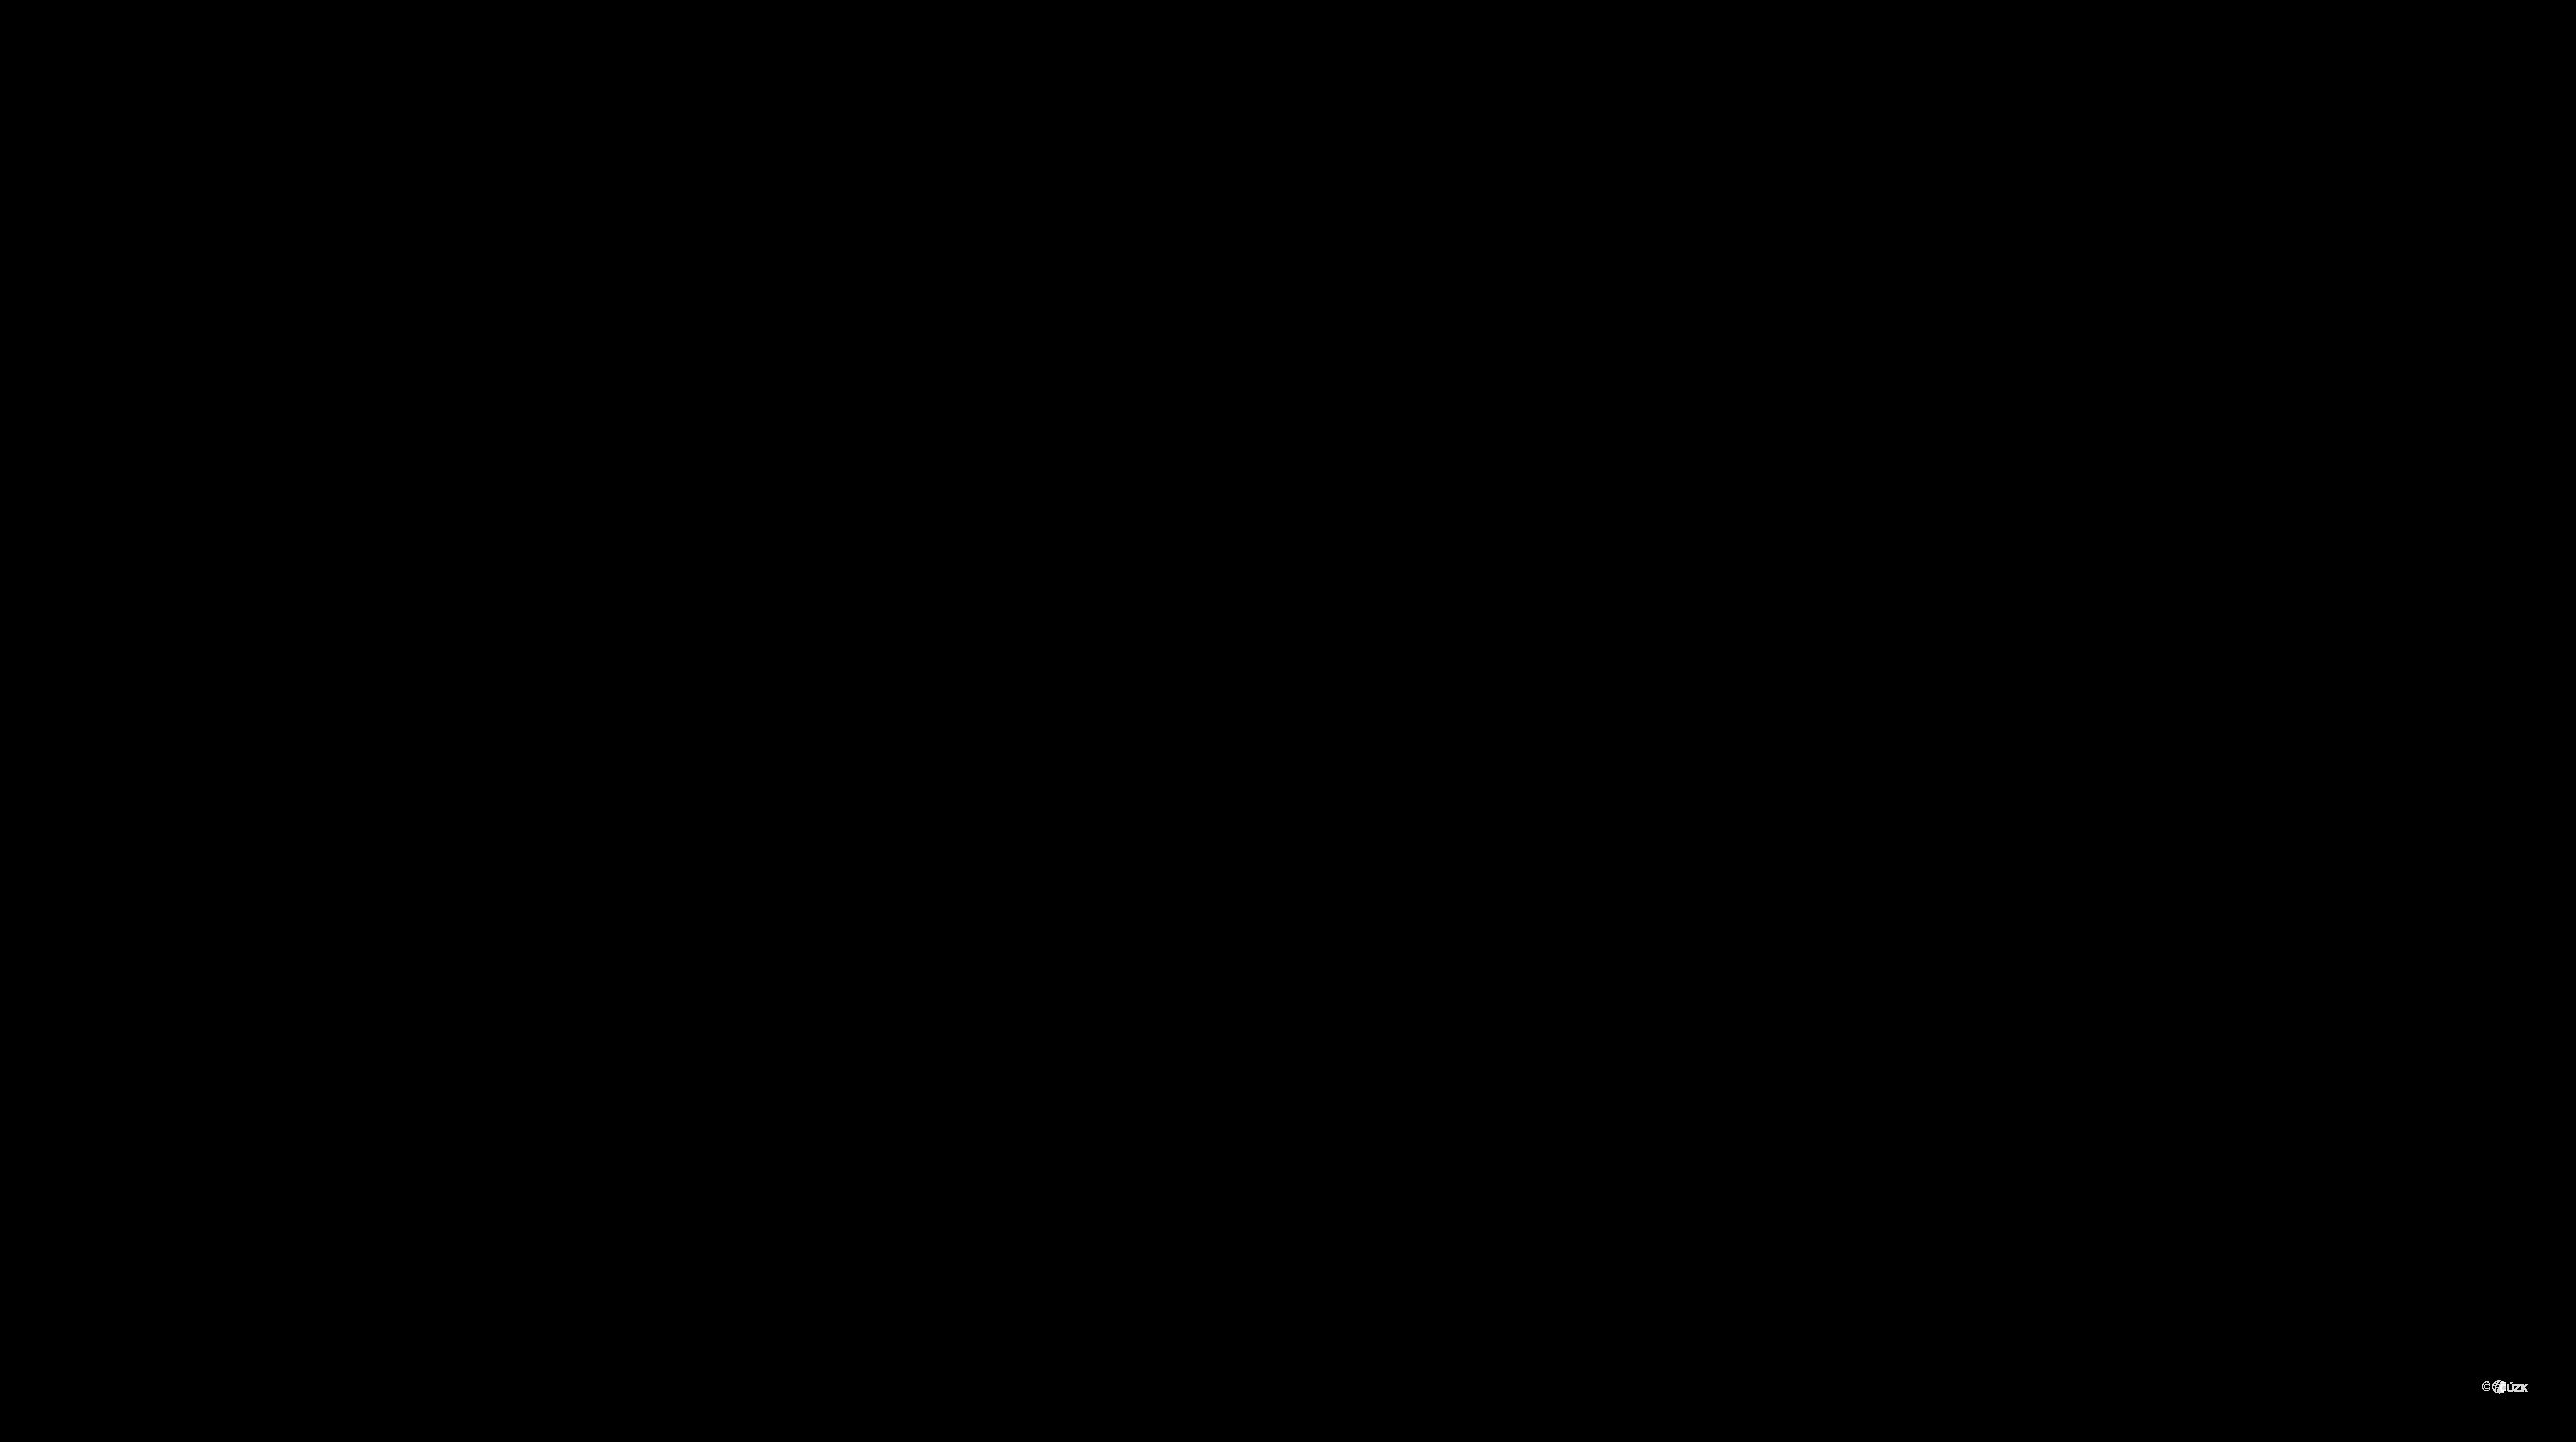 Katastrální mapa pozemků a čísla parcel Čeřenice